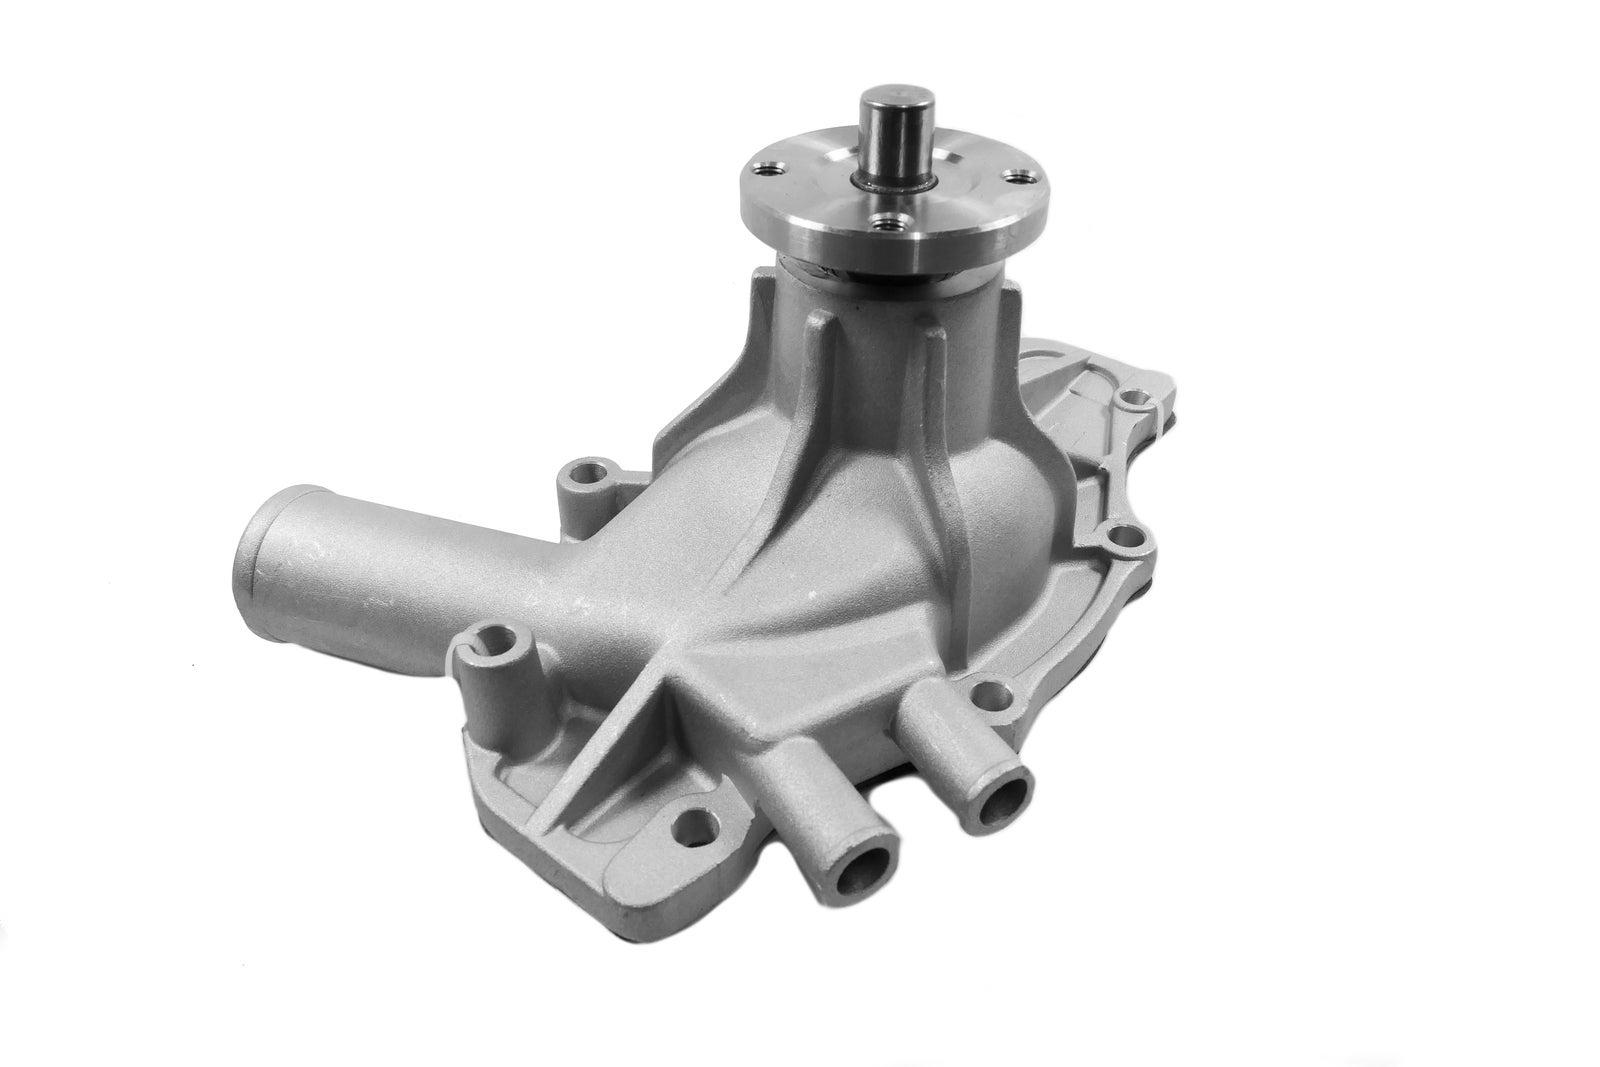 Aisin water pump for Holden Statesman VS V8 5.0 WPHD-601V